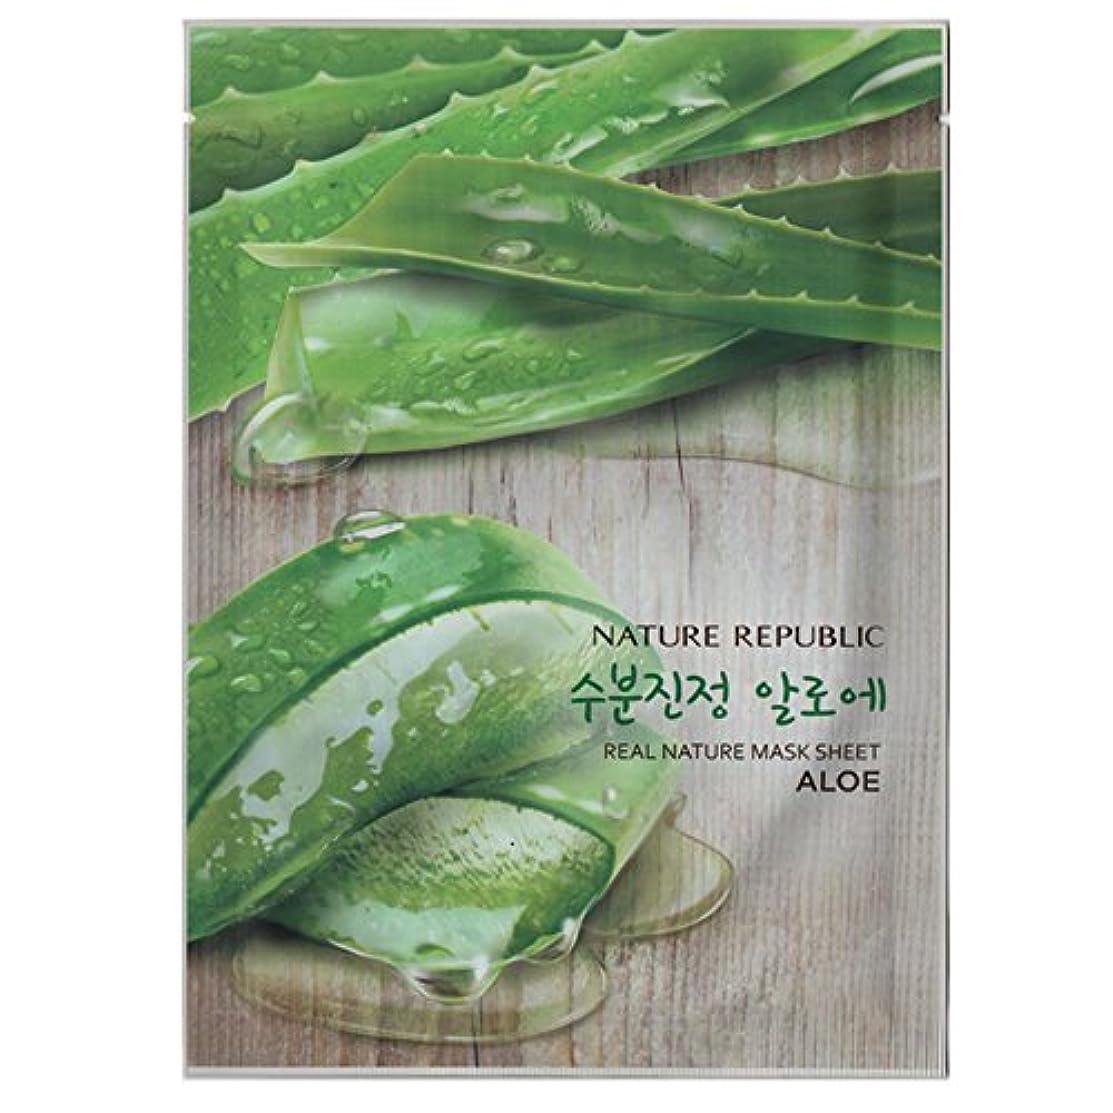 アカウント混沌頑張る[NATURE REPUBLIC] リアルネイチャー マスクシート Real Nature Mask Sheet (Aloe (アロエ) 10個) [並行輸入品]